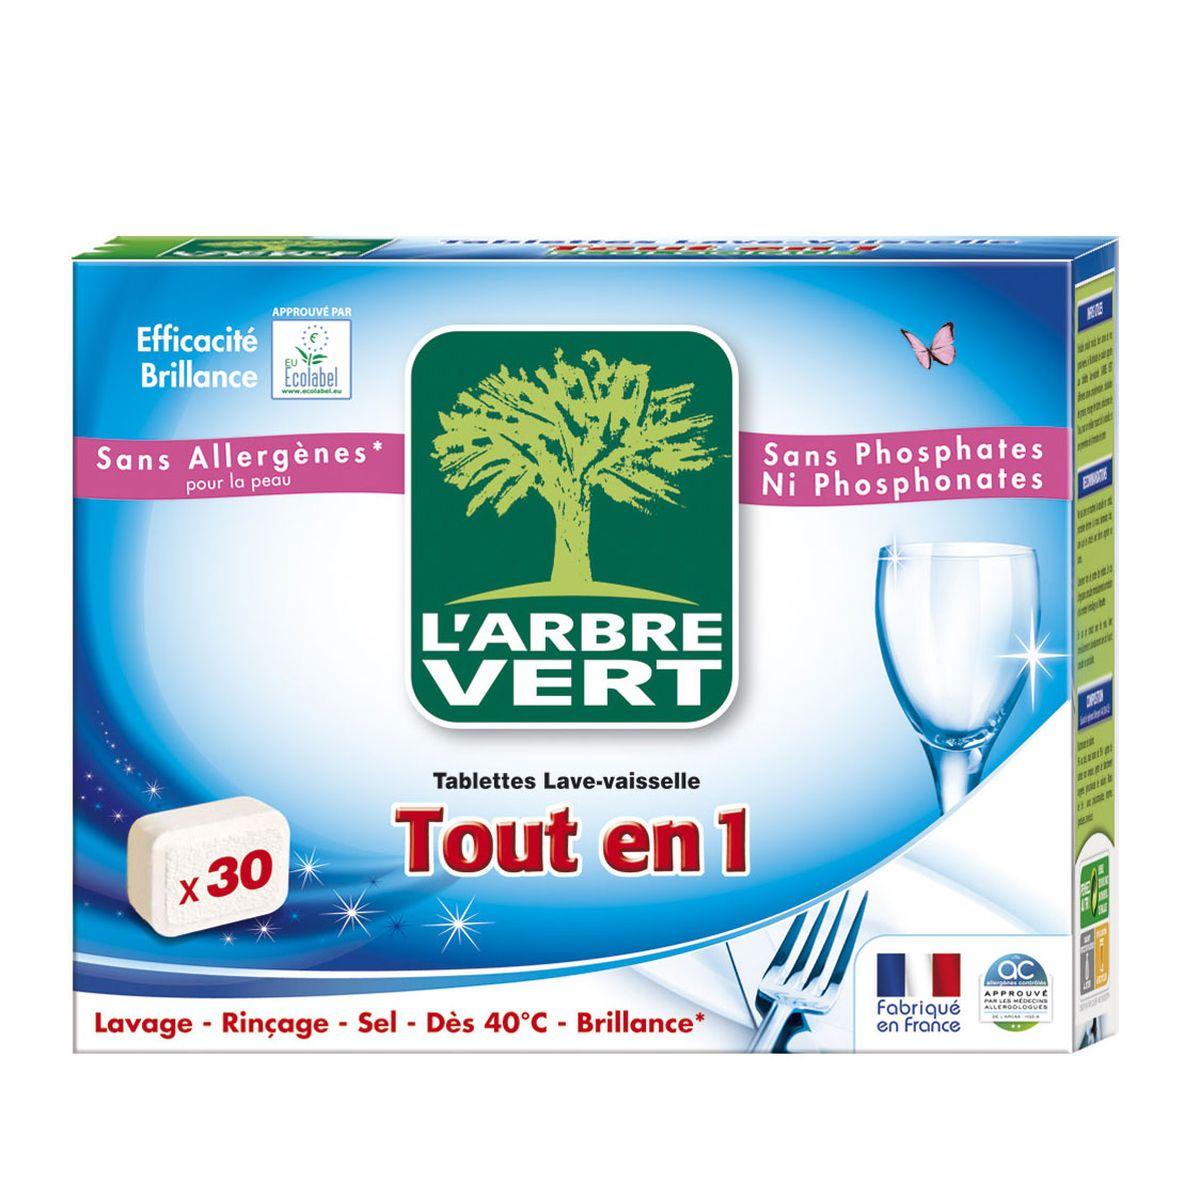 l'arbre vert tablettes lave vaisselle écologique tout en 1, 30